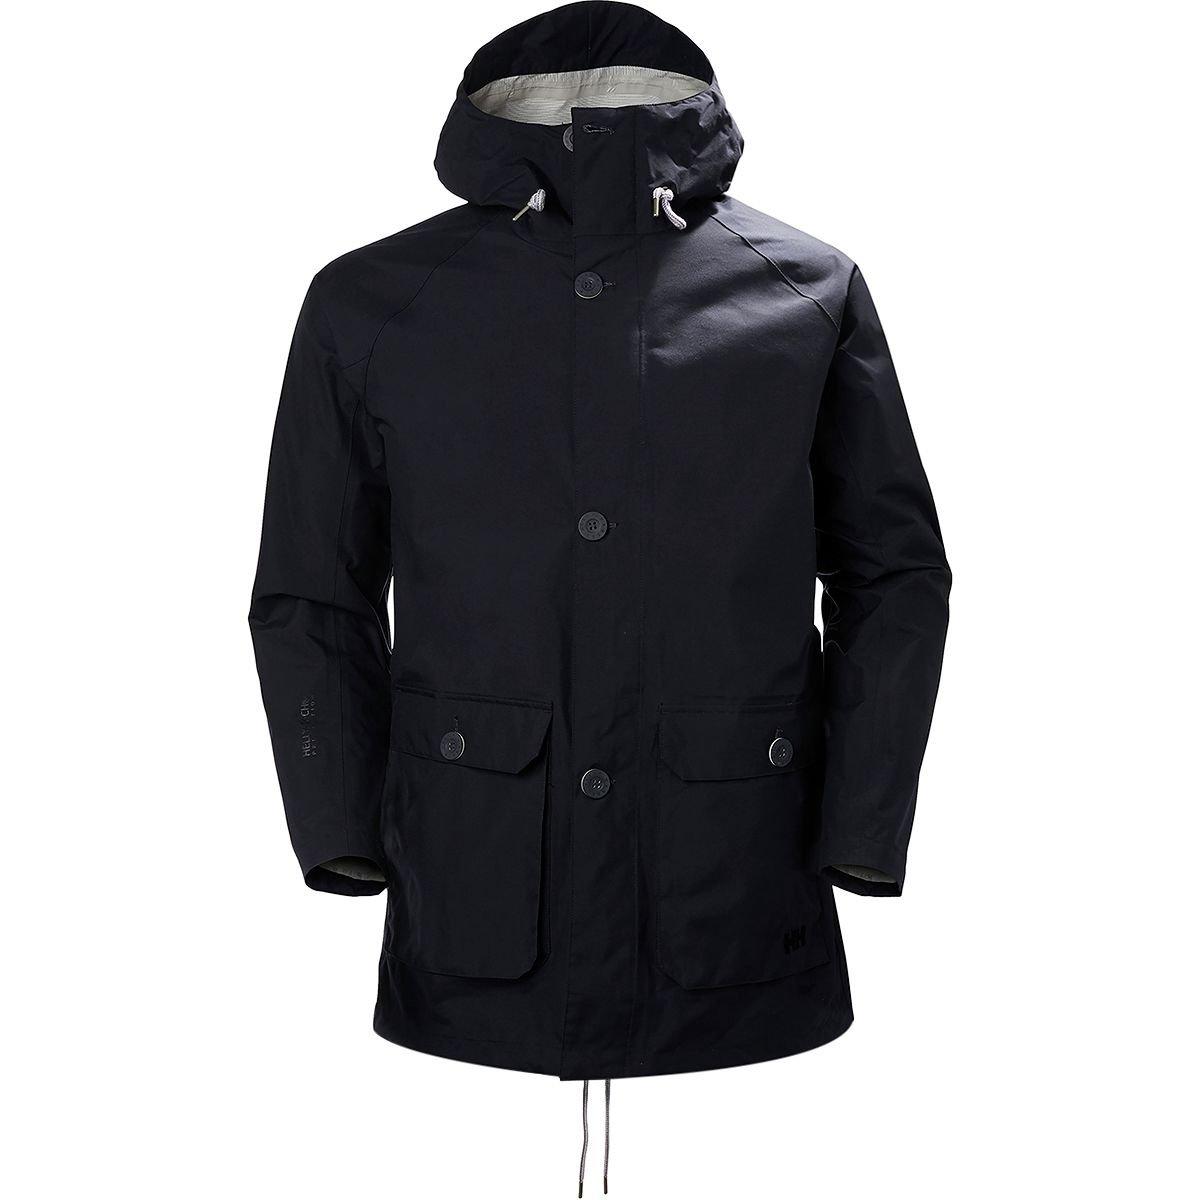 (ヘリーハンセン) Helly Hansen Elements Raincoat メンズ ジャケットGraphite Blue [並行輸入品] B07BBNCGT6 日本サイズ L (US M)|Graphite Blue Graphite Blue 日本サイズ L (US M)